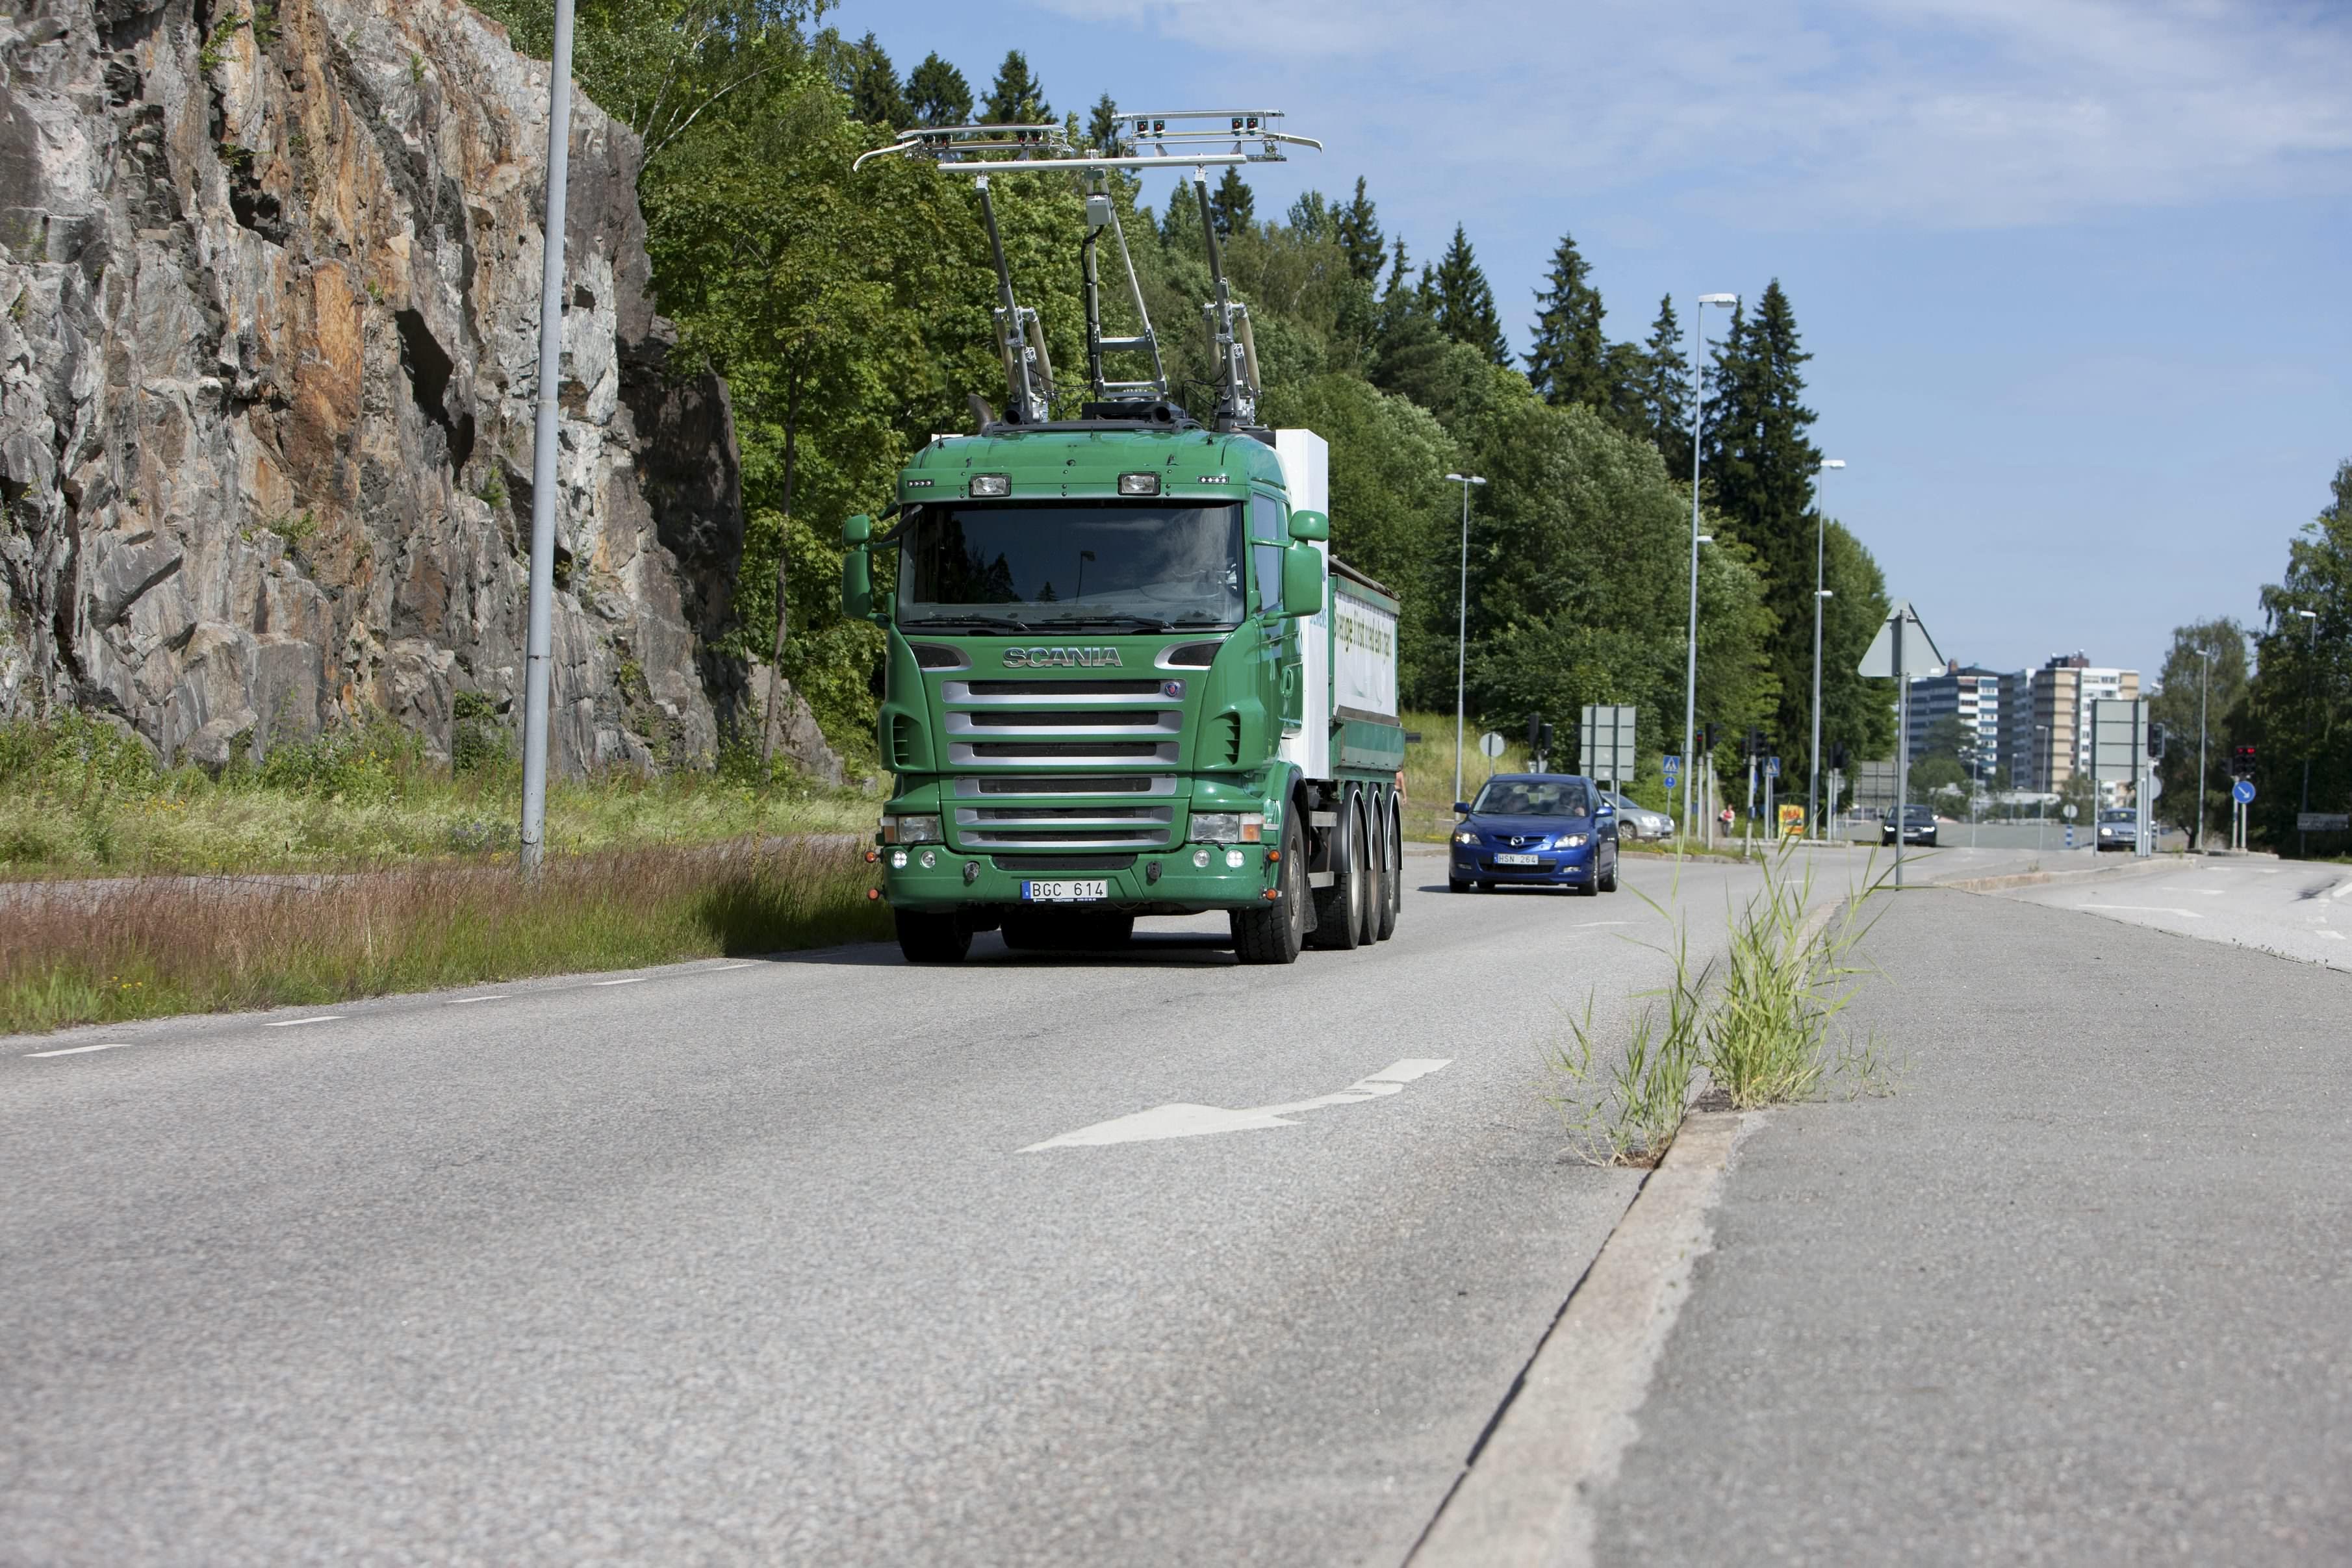 Siemens Ehighway Fhrt Der Straengterverkehr Zukunft Scania 113 Wiring Diagram Elektrifizierung E16 Im Schwedischen Regierungsbezirk Gvleborg